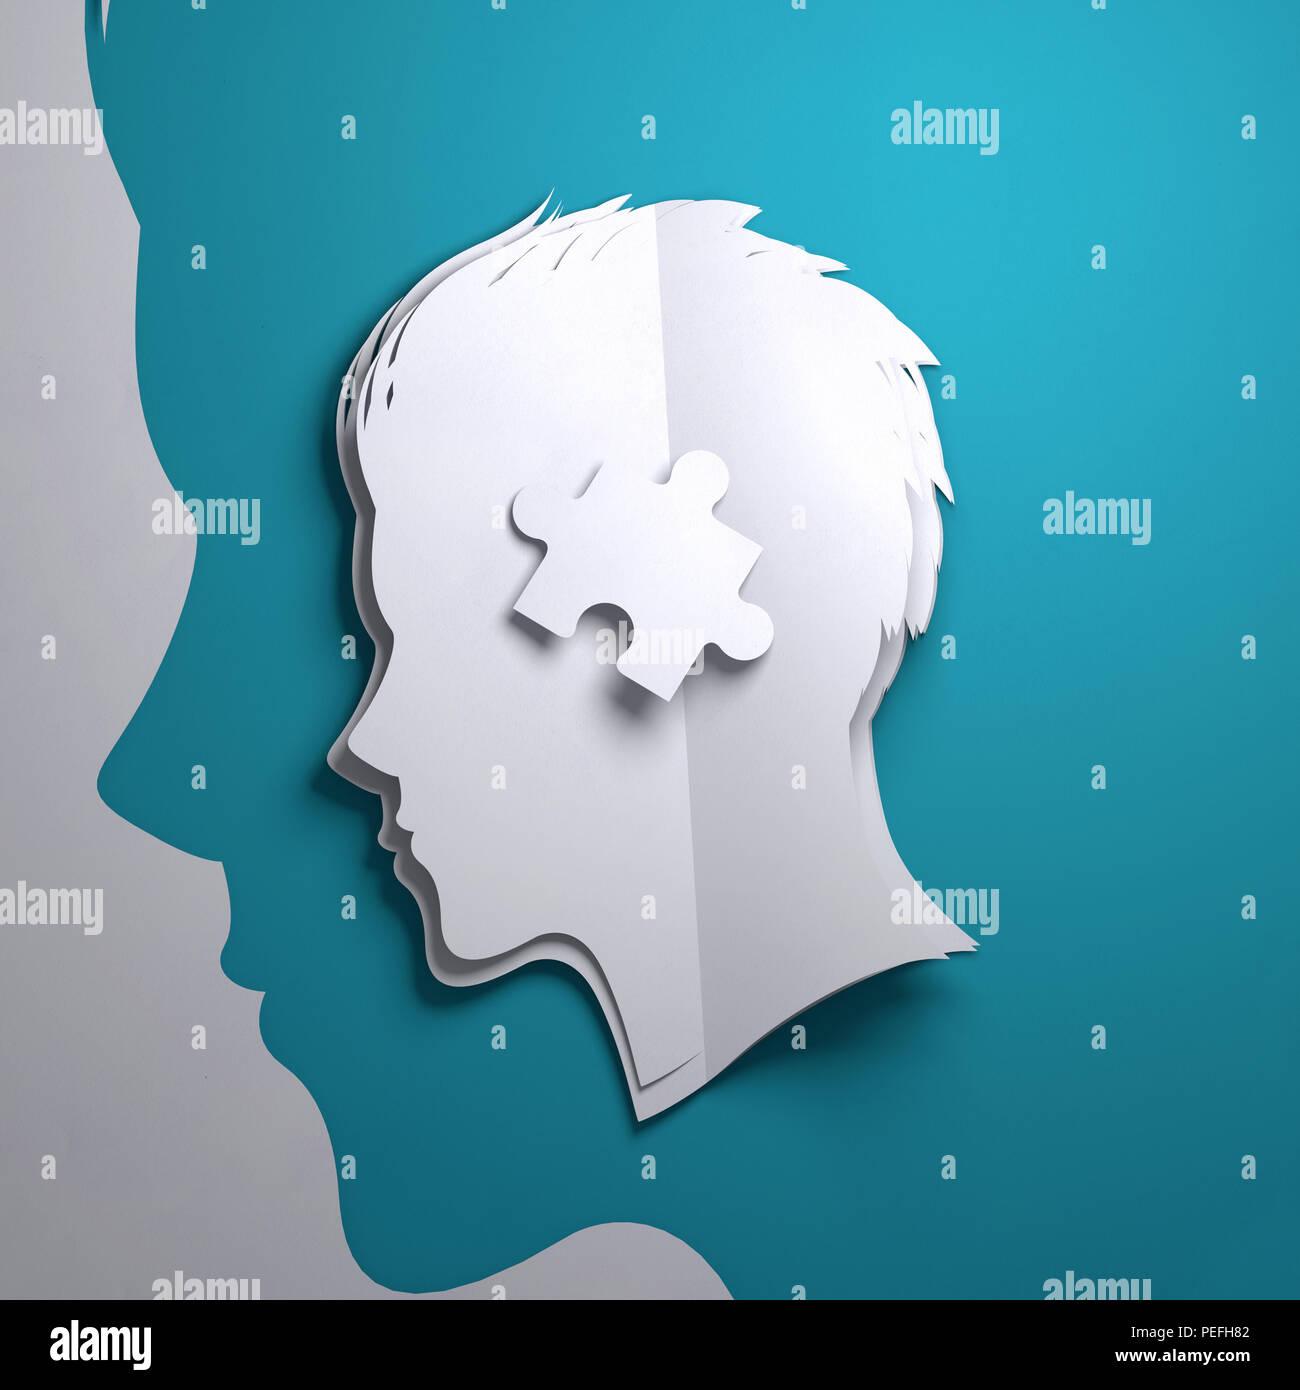 Arte en papel plegado origami. La silueta de una persona en la cabeza con una pieza del puzzle. Mindfulness conceptual ilustración 3D. Imagen De Stock